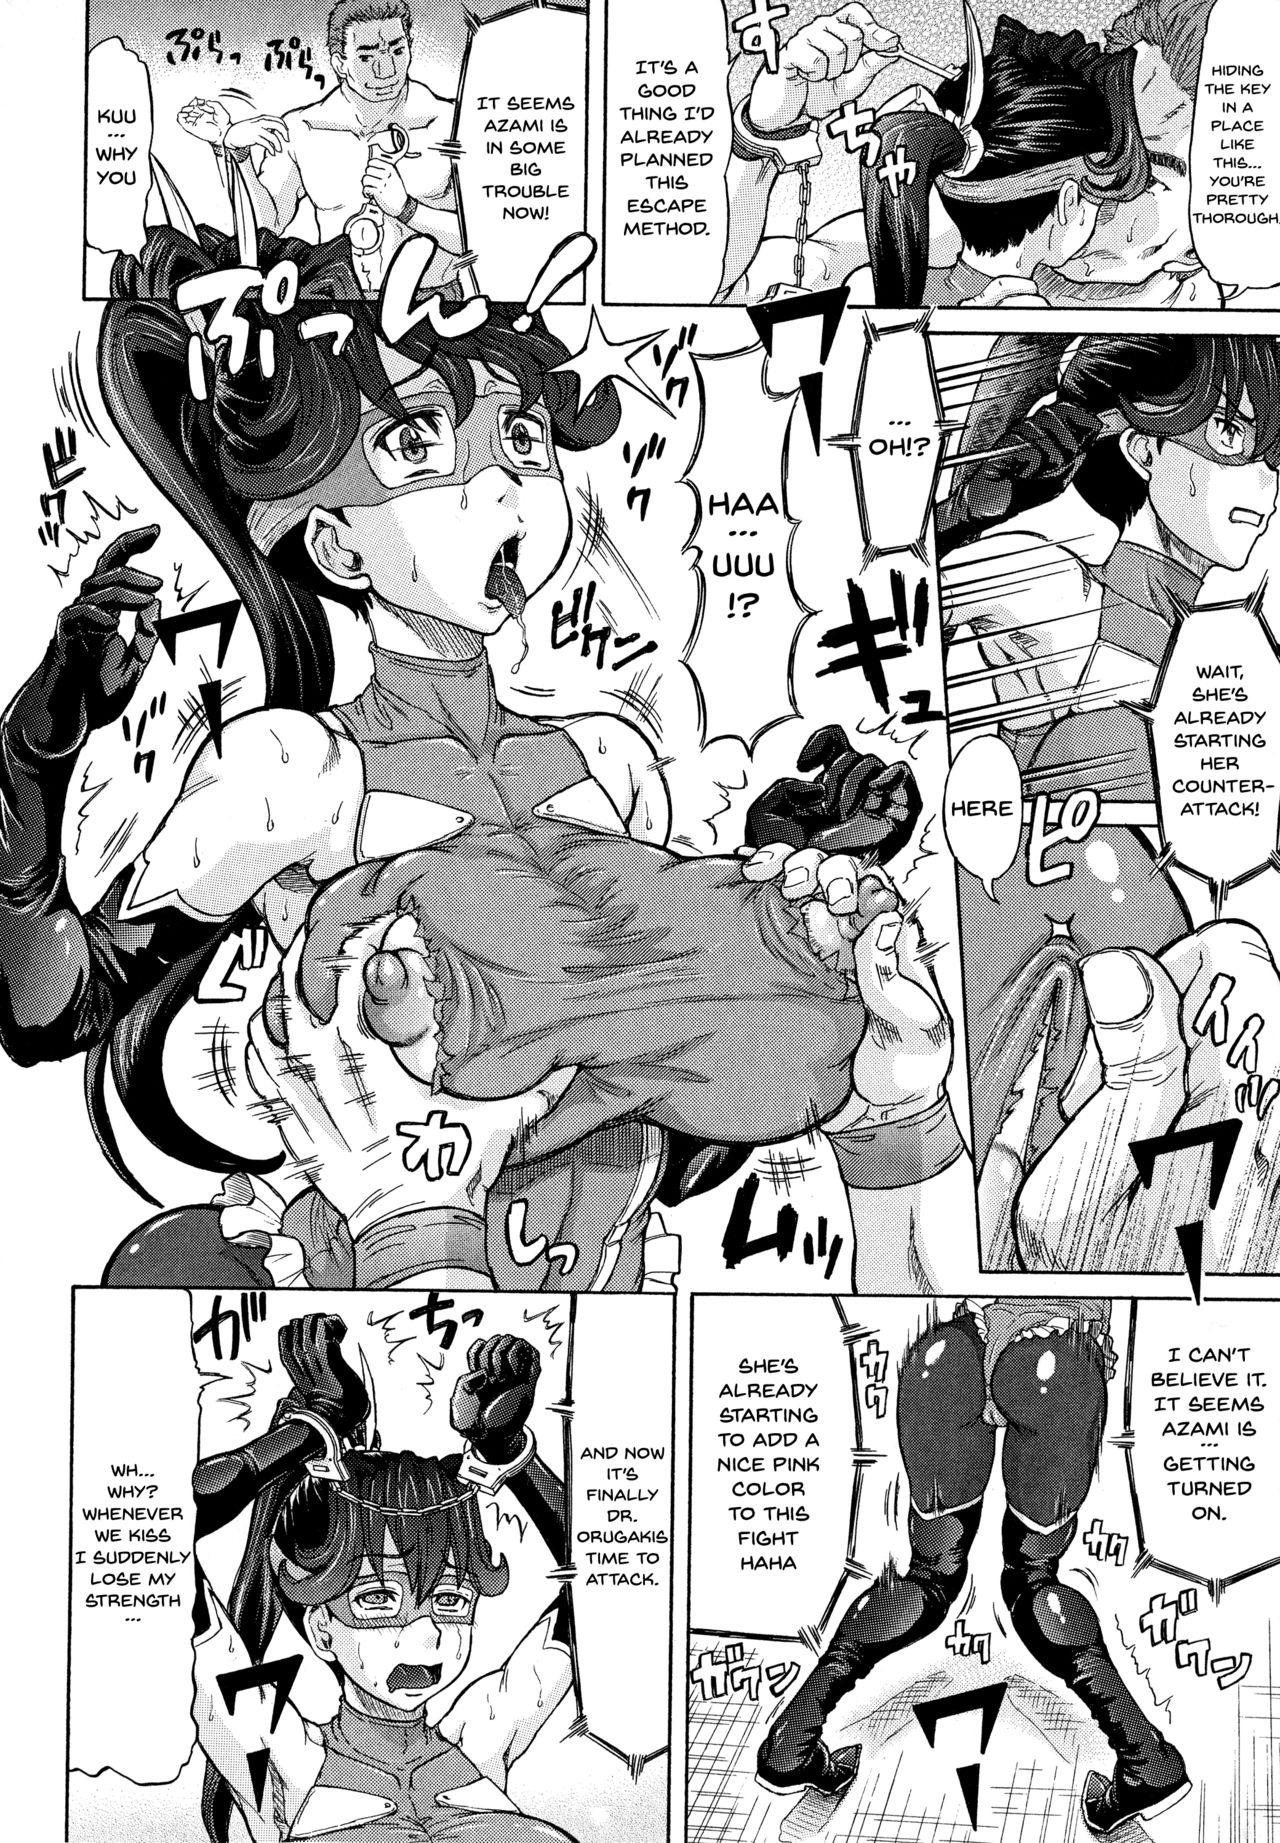 [Minority] Negative Kanako-sensei Ch. 1-6 [English] {Doujins.com} 147